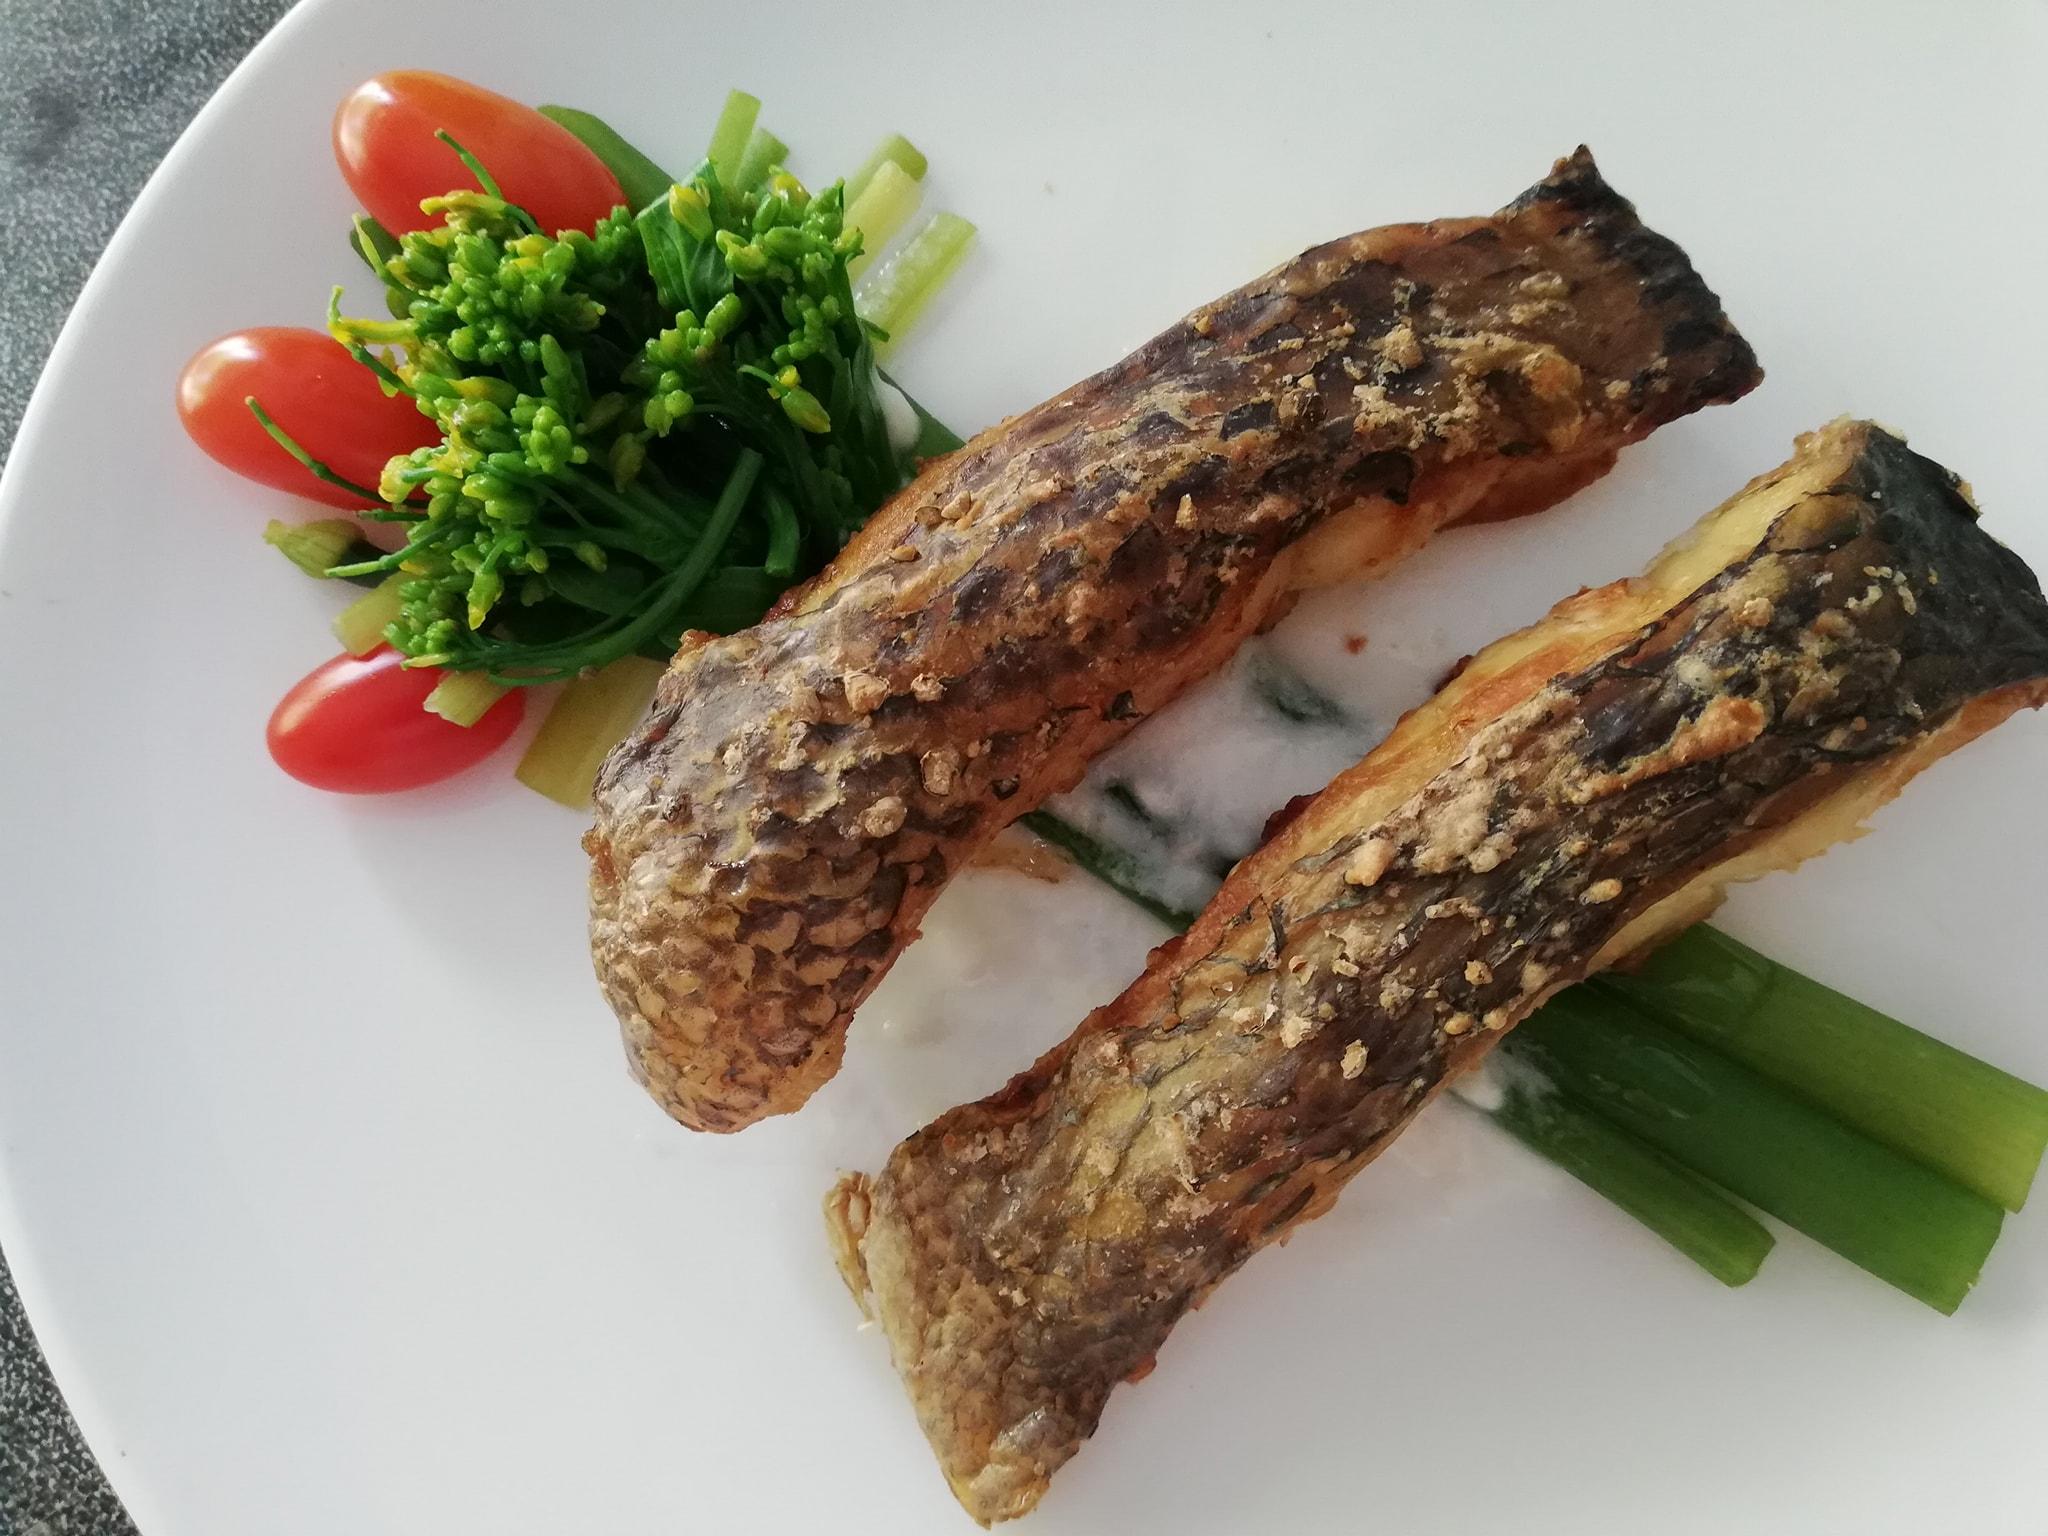 ฟักทองแครอทบด ปลาอบเกลือ สูตรอาหาร วิธีทำ แม่บ้าน